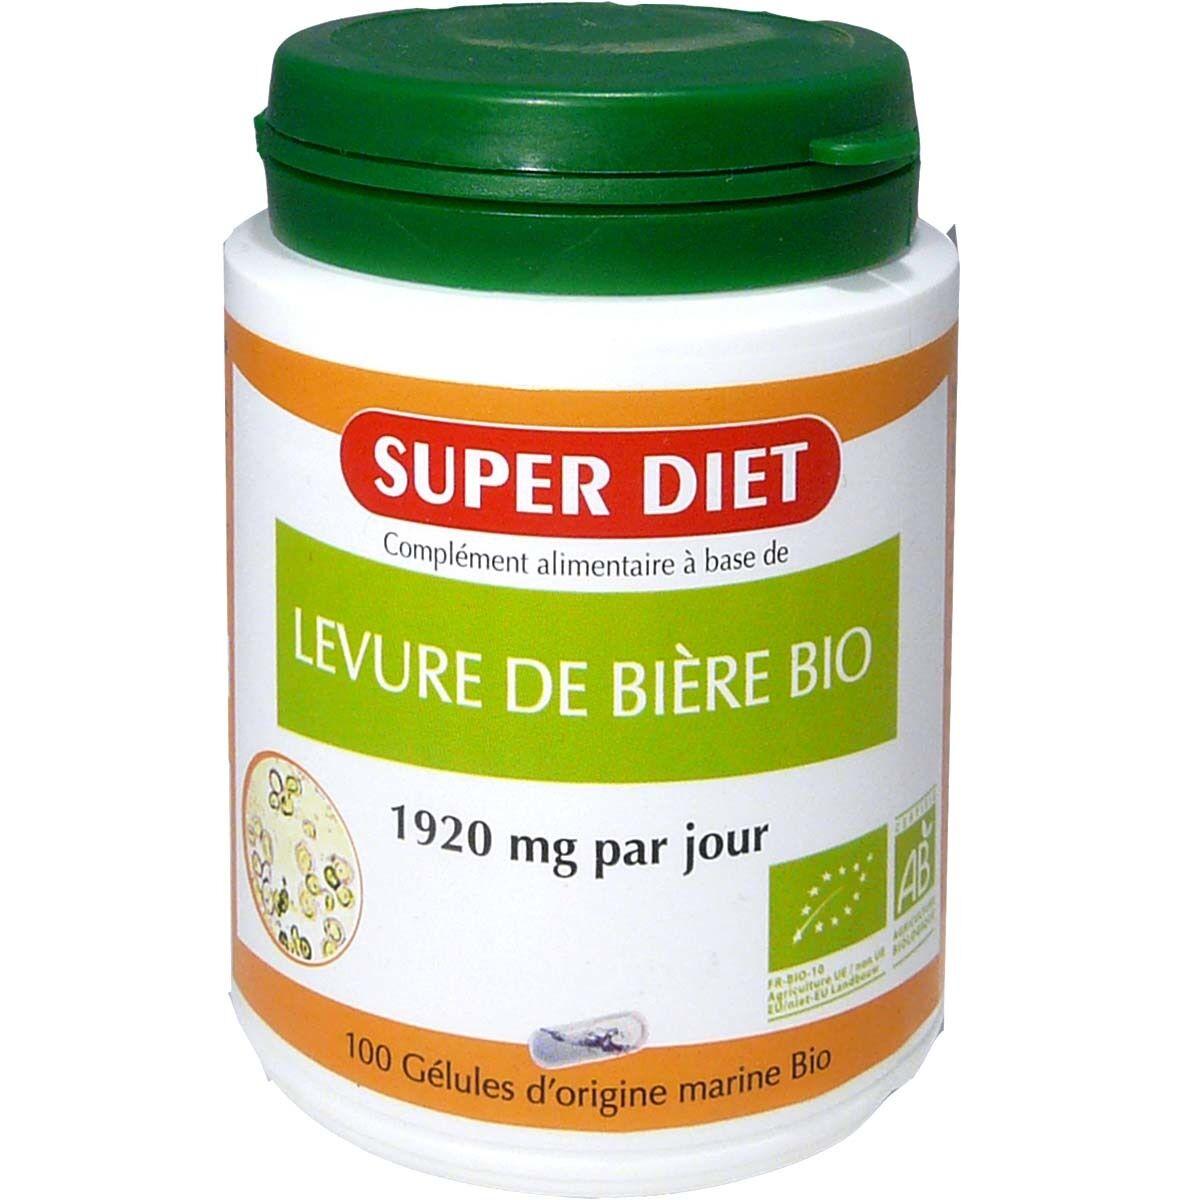 Super diet levure de biere bio 100 gelules bio